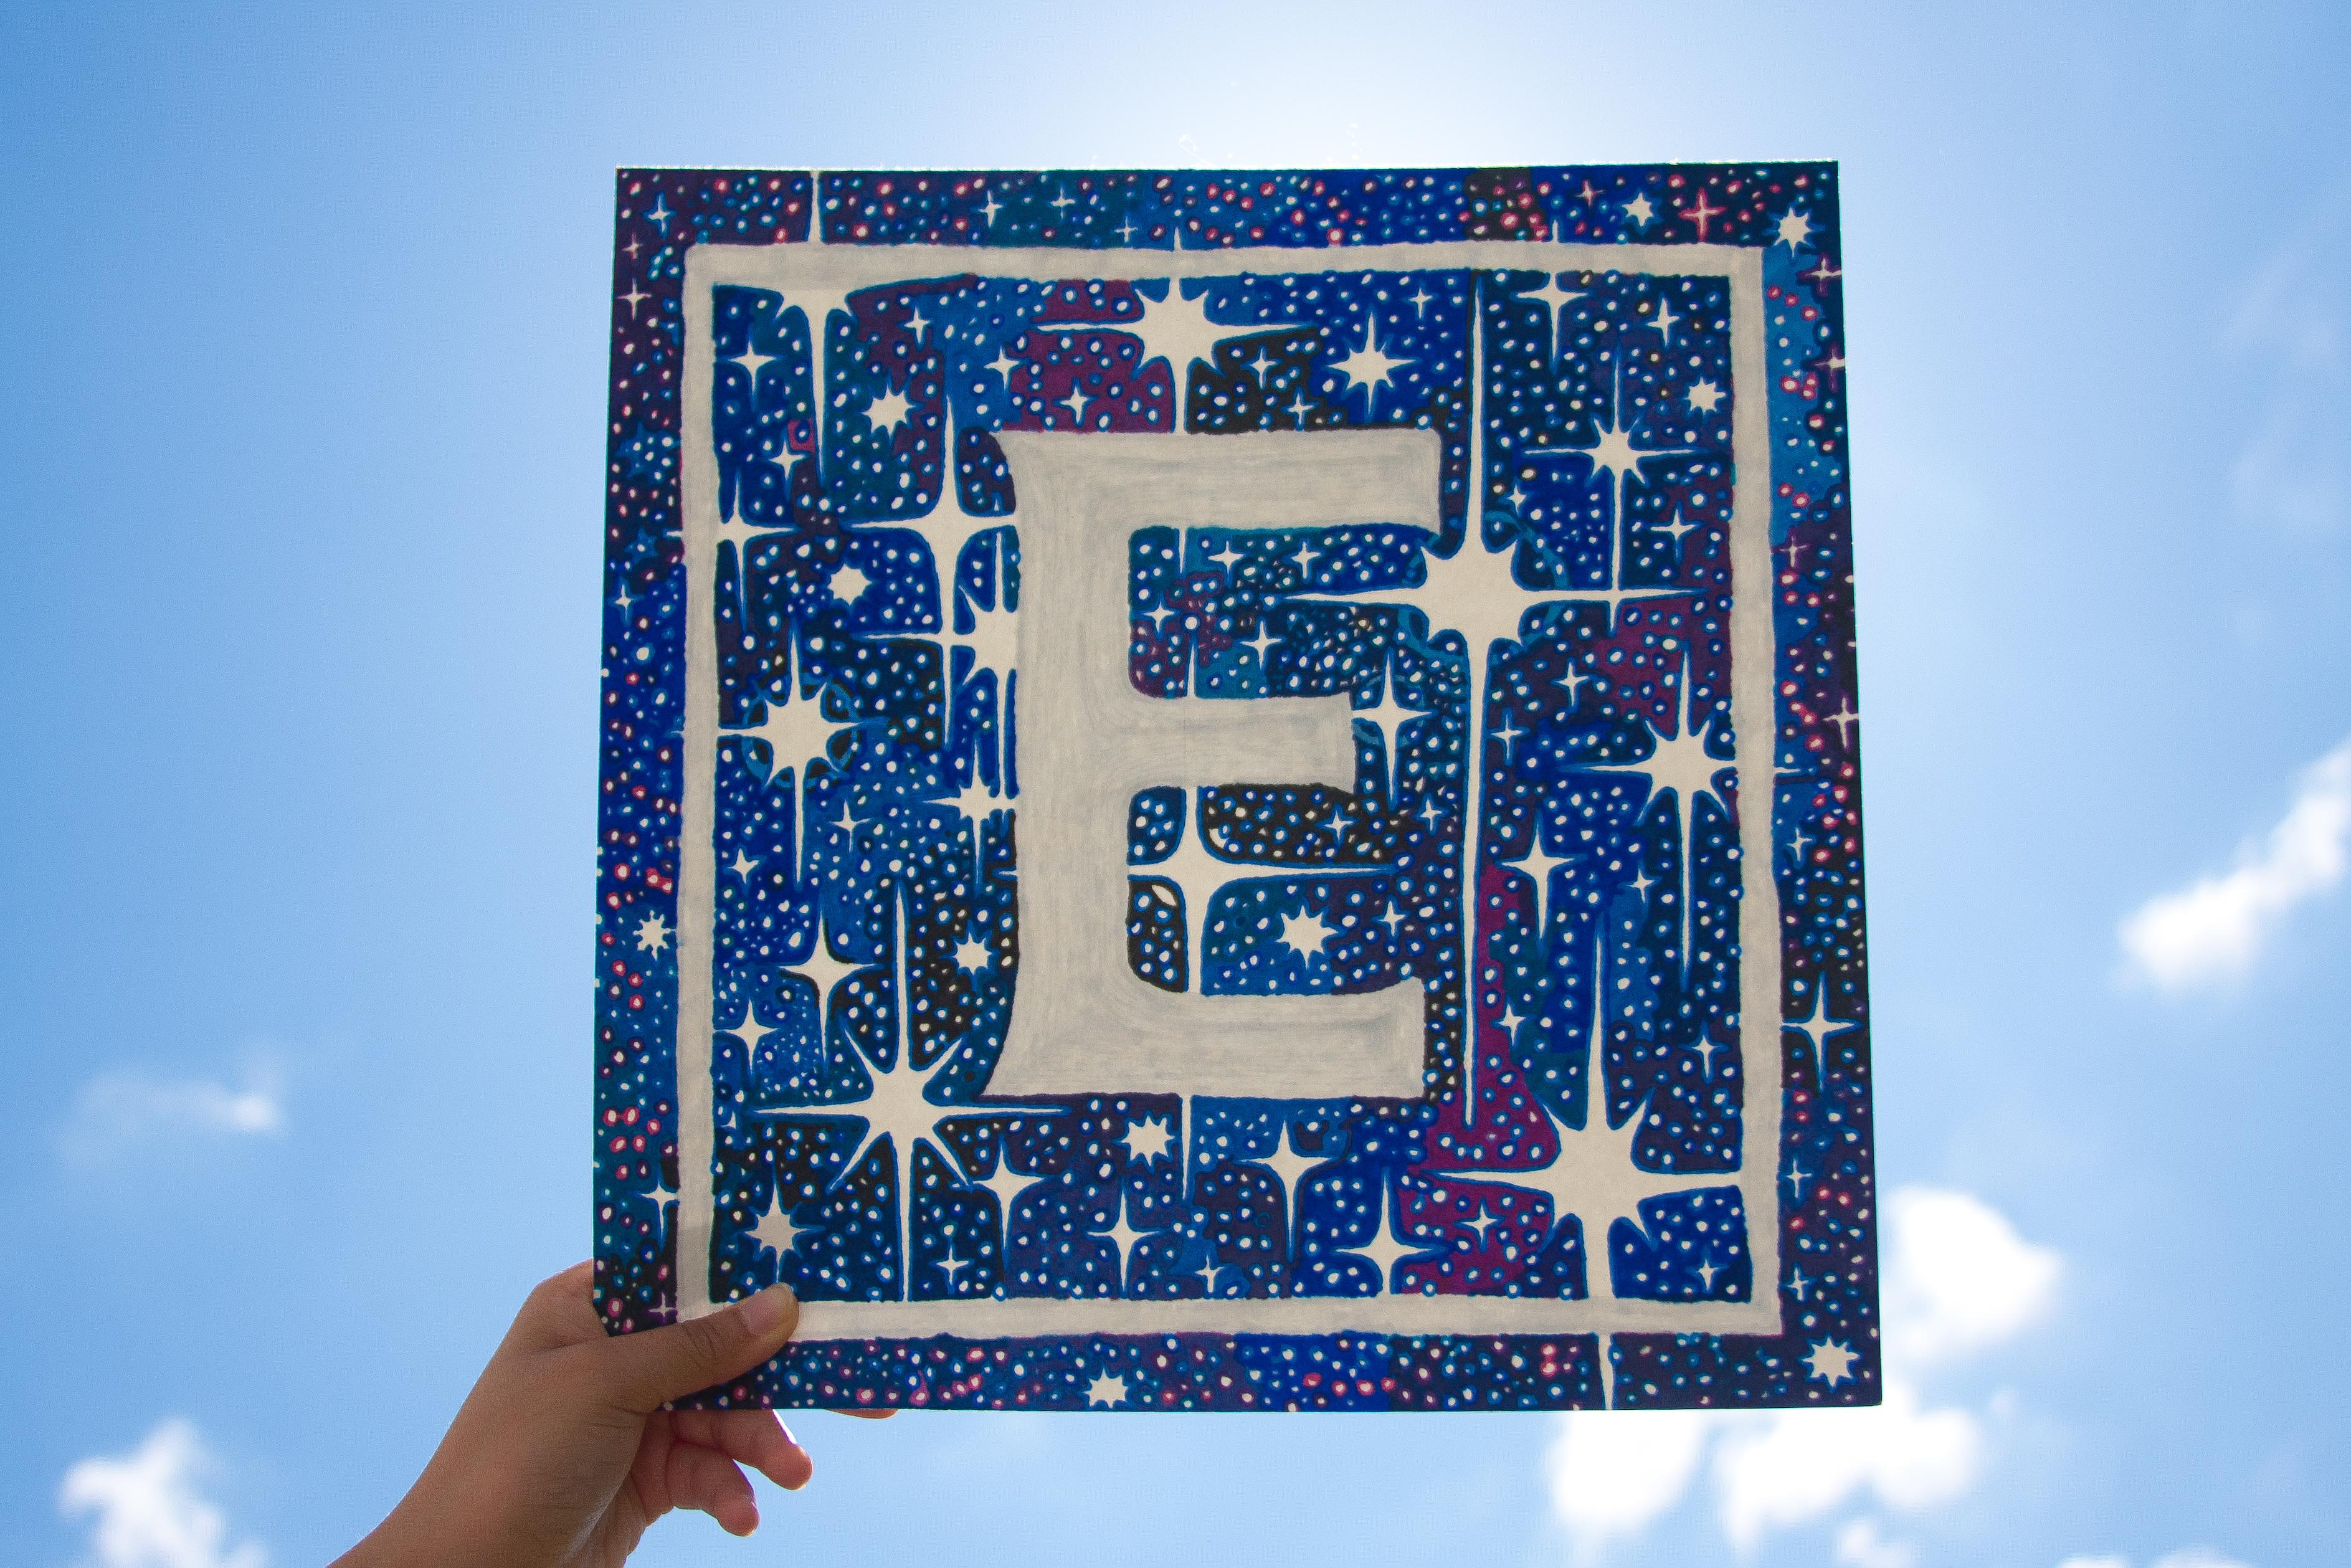 E is for Estrellas